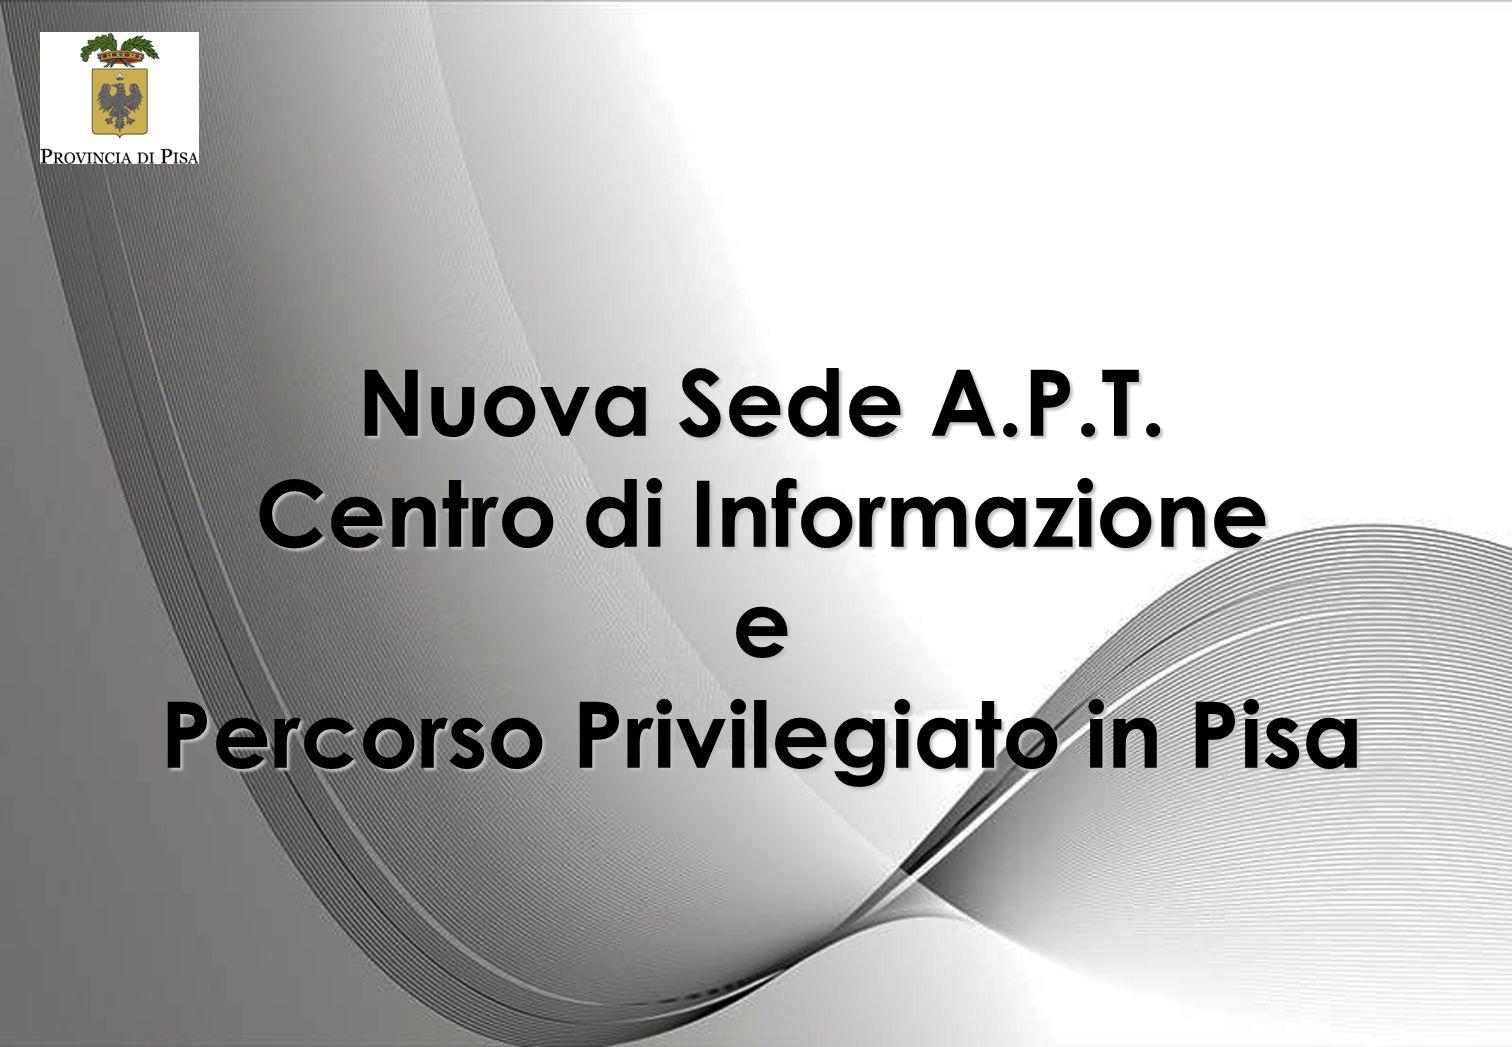 Centro di Informazione Percorso Privilegiato in Pisa